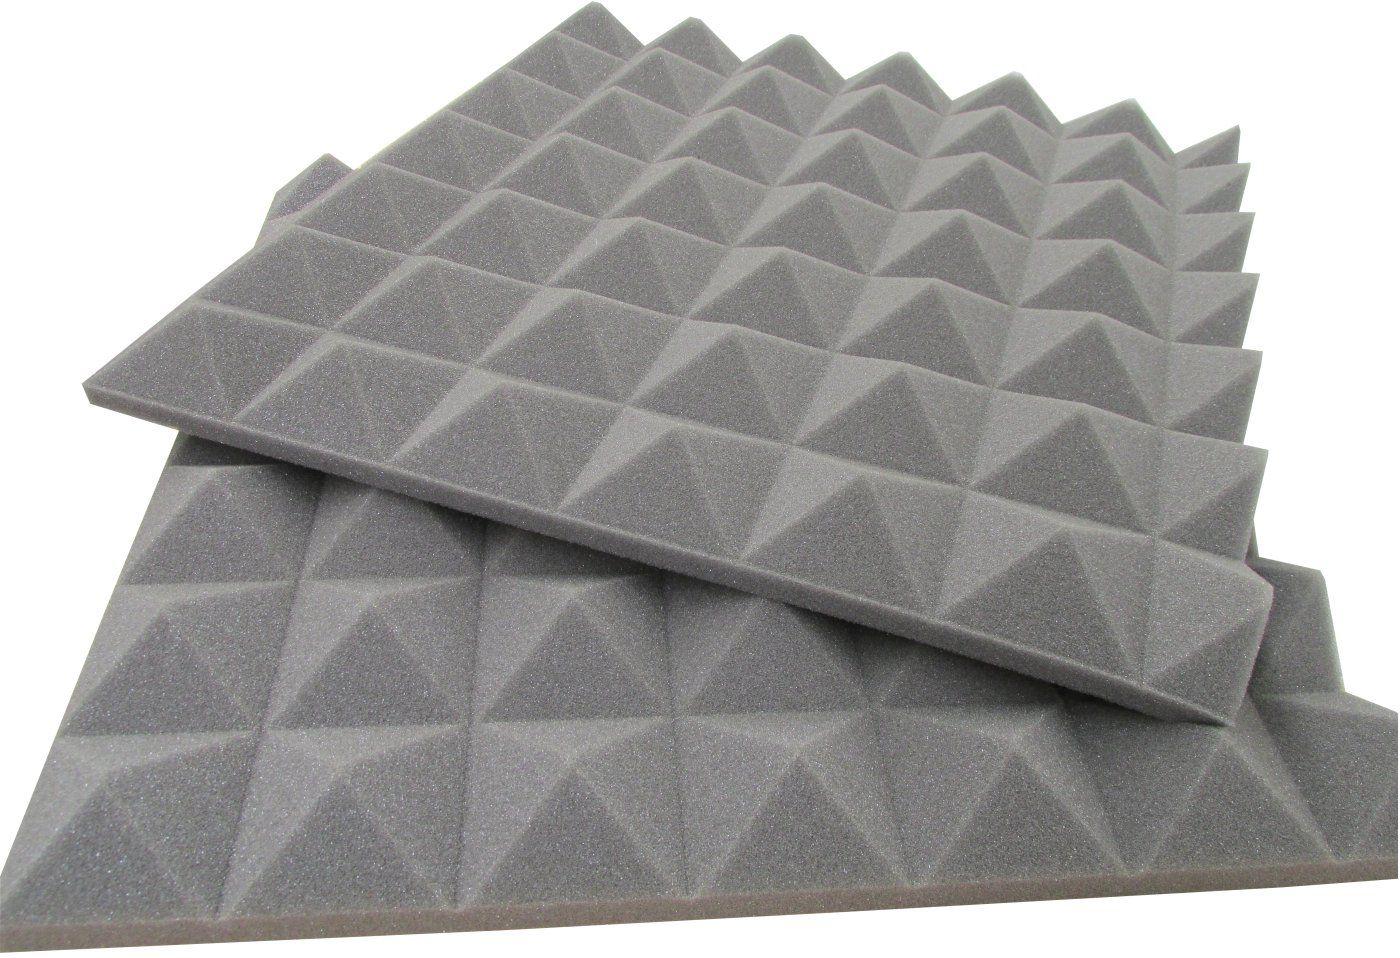 Espuma acústica Linha REV - T2 - Kit 4 peças - (1m²)  - Loja SPL Acústica